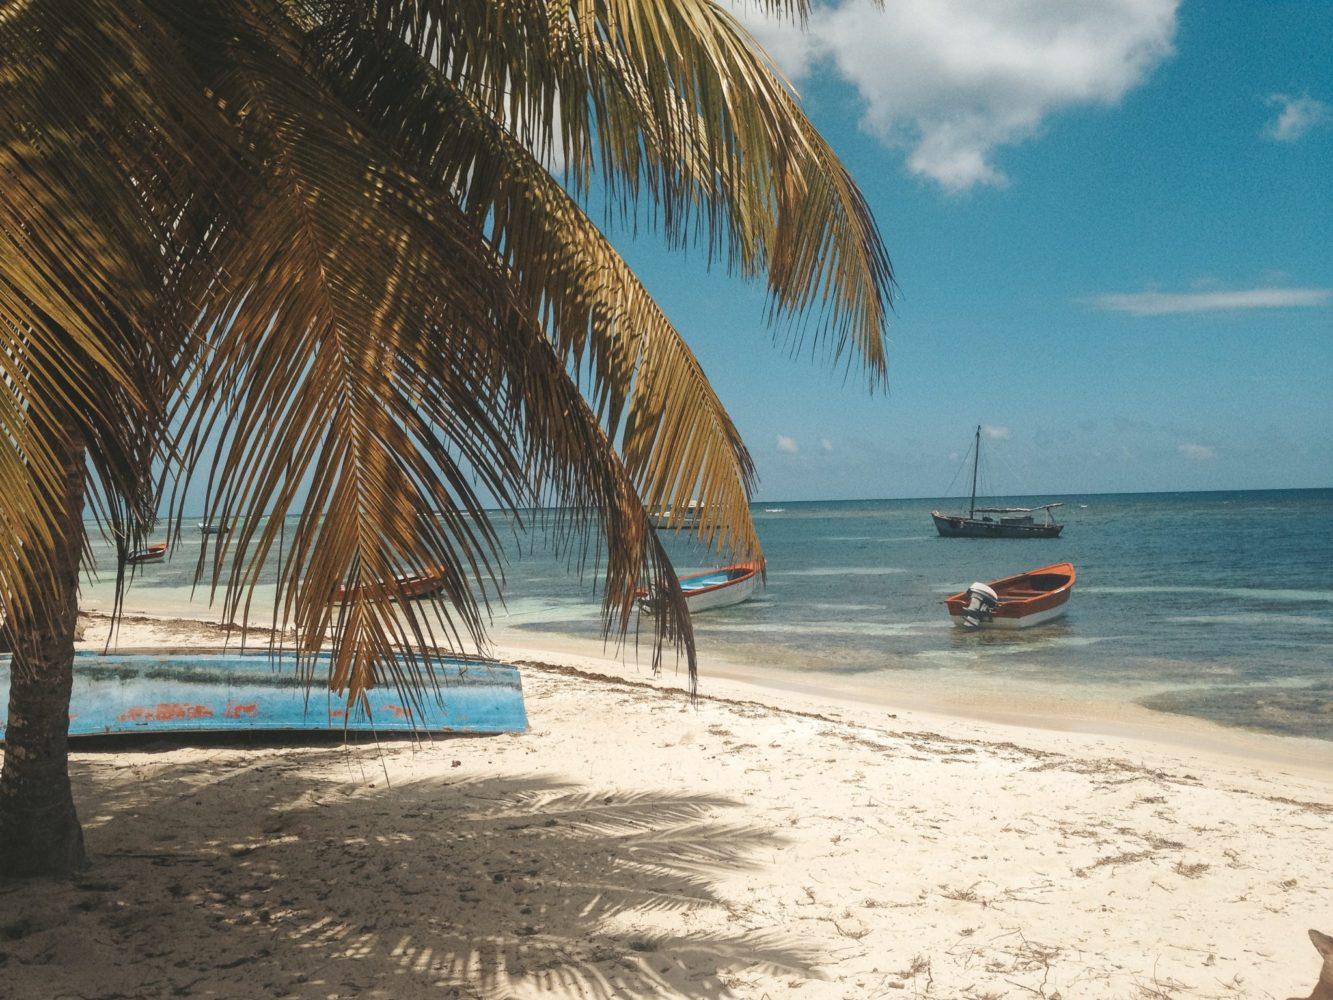 Les petits bateaux de pécheurs accostés le long de la plage